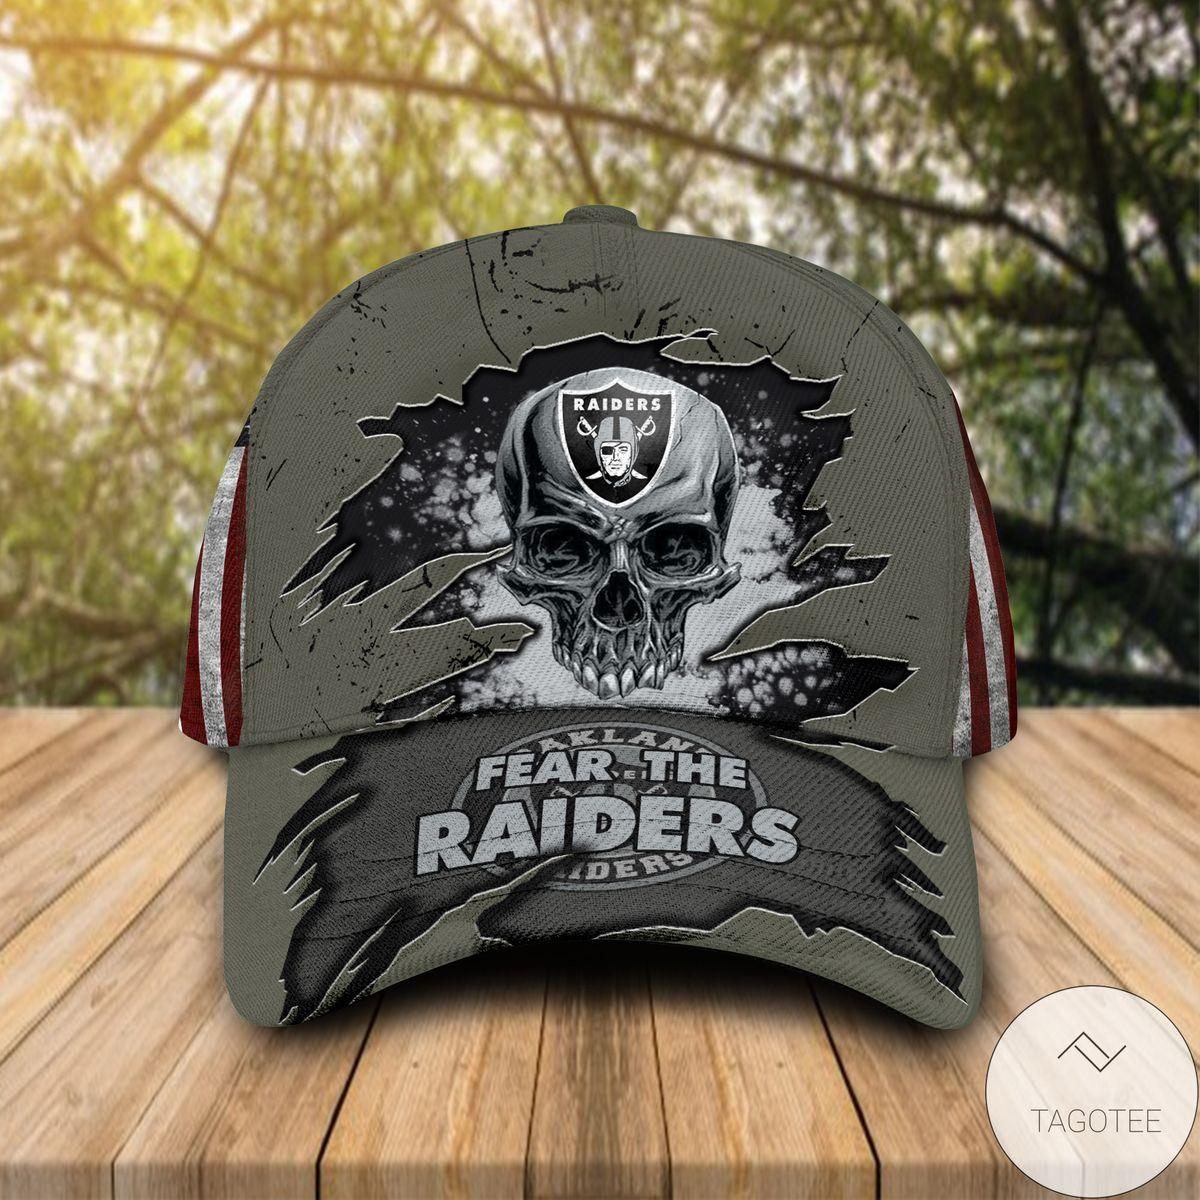 Unique Oakland Raiders Cap